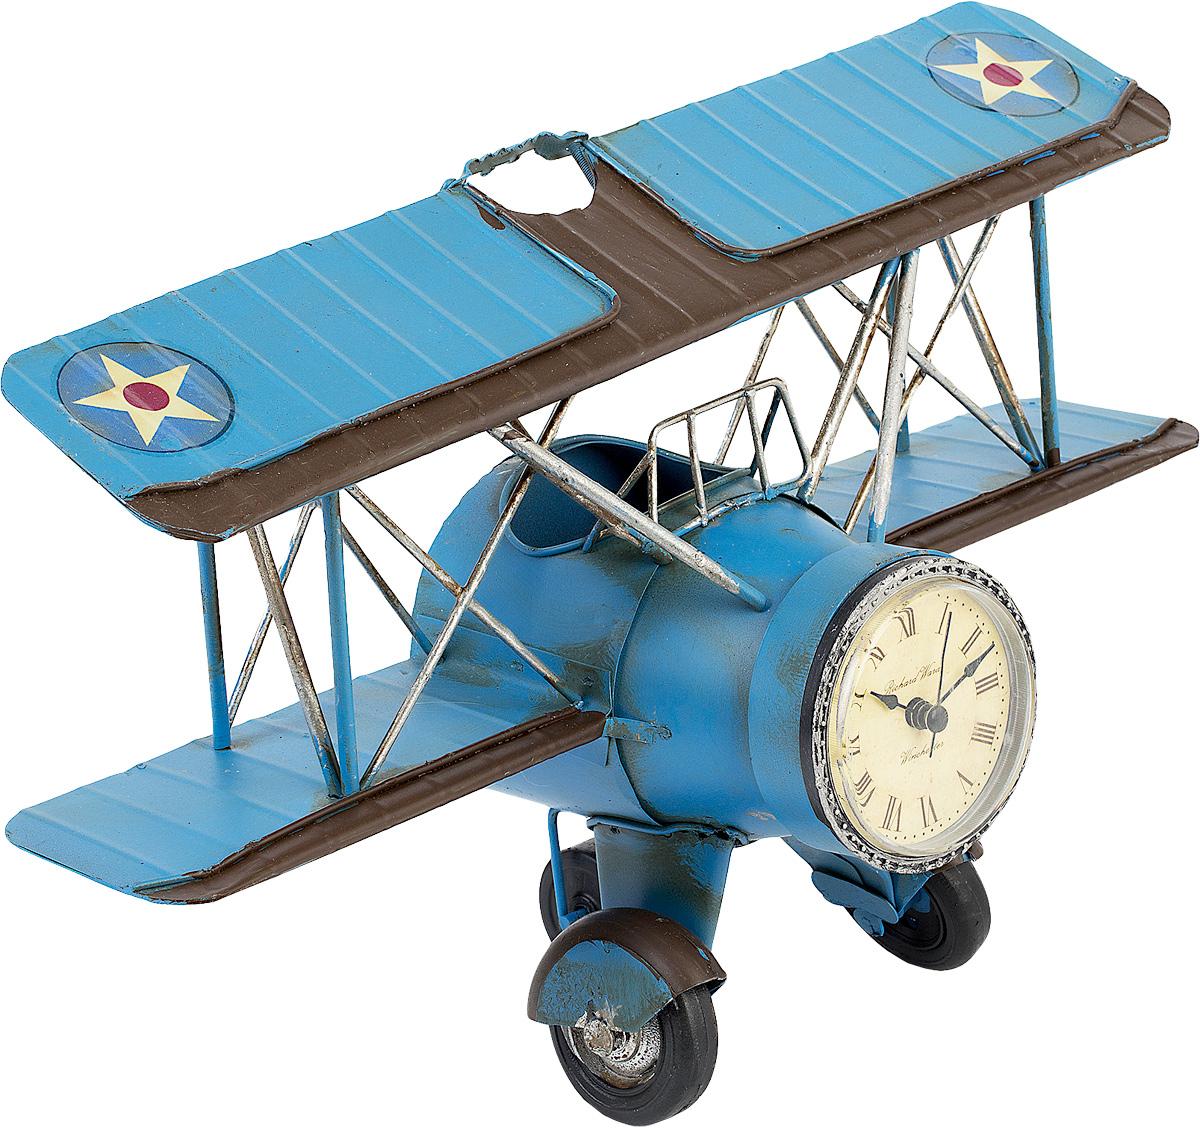 Подставка для ручек Platinum Часы. АэропланFS-00102Подставка для ручек Platinum Часы. Аэроплан, выполненная из металла, позволяет разместить достаточное количество ручек или карандашей и освободить пространство на вашем столе. Она оригинально украсит ваш письменный стол, не занимая при этом много места.